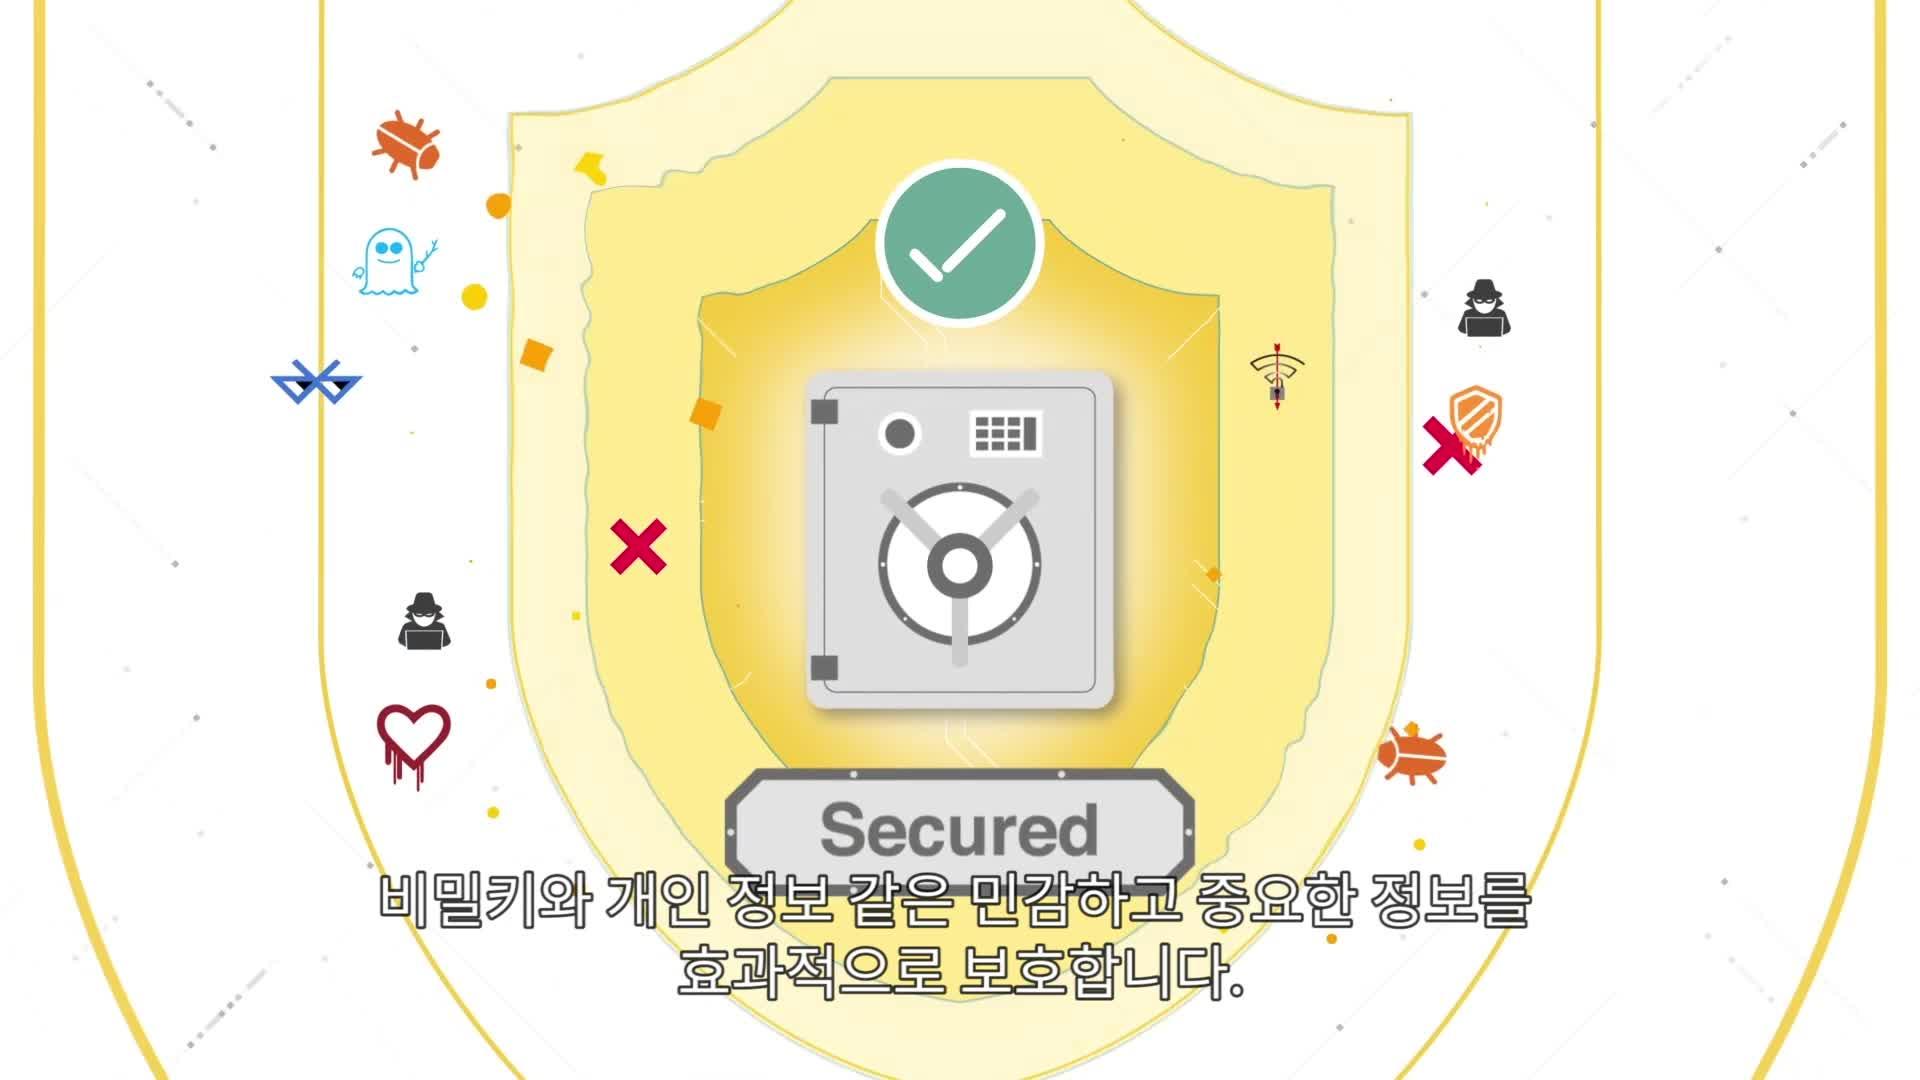 [인피니언]IoT를 위한 임베디드 하드웨어 보안 솔루션